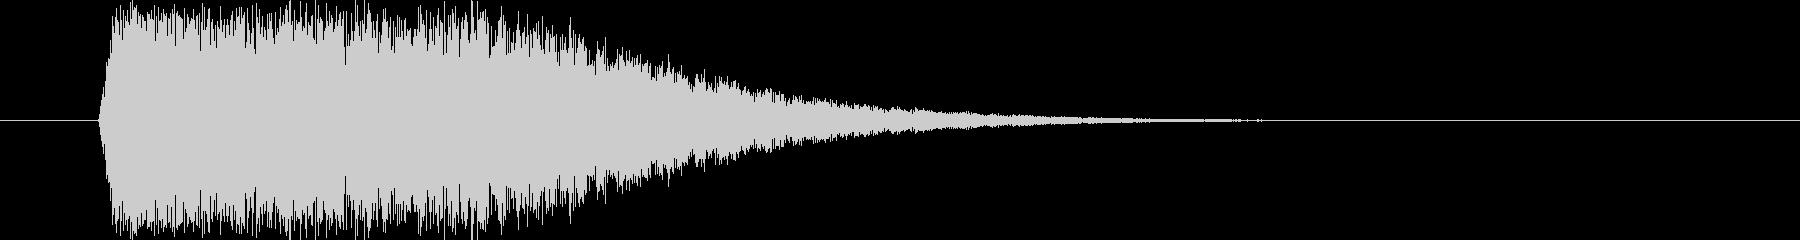 インパクト_しゃきーん(m0283)の未再生の波形